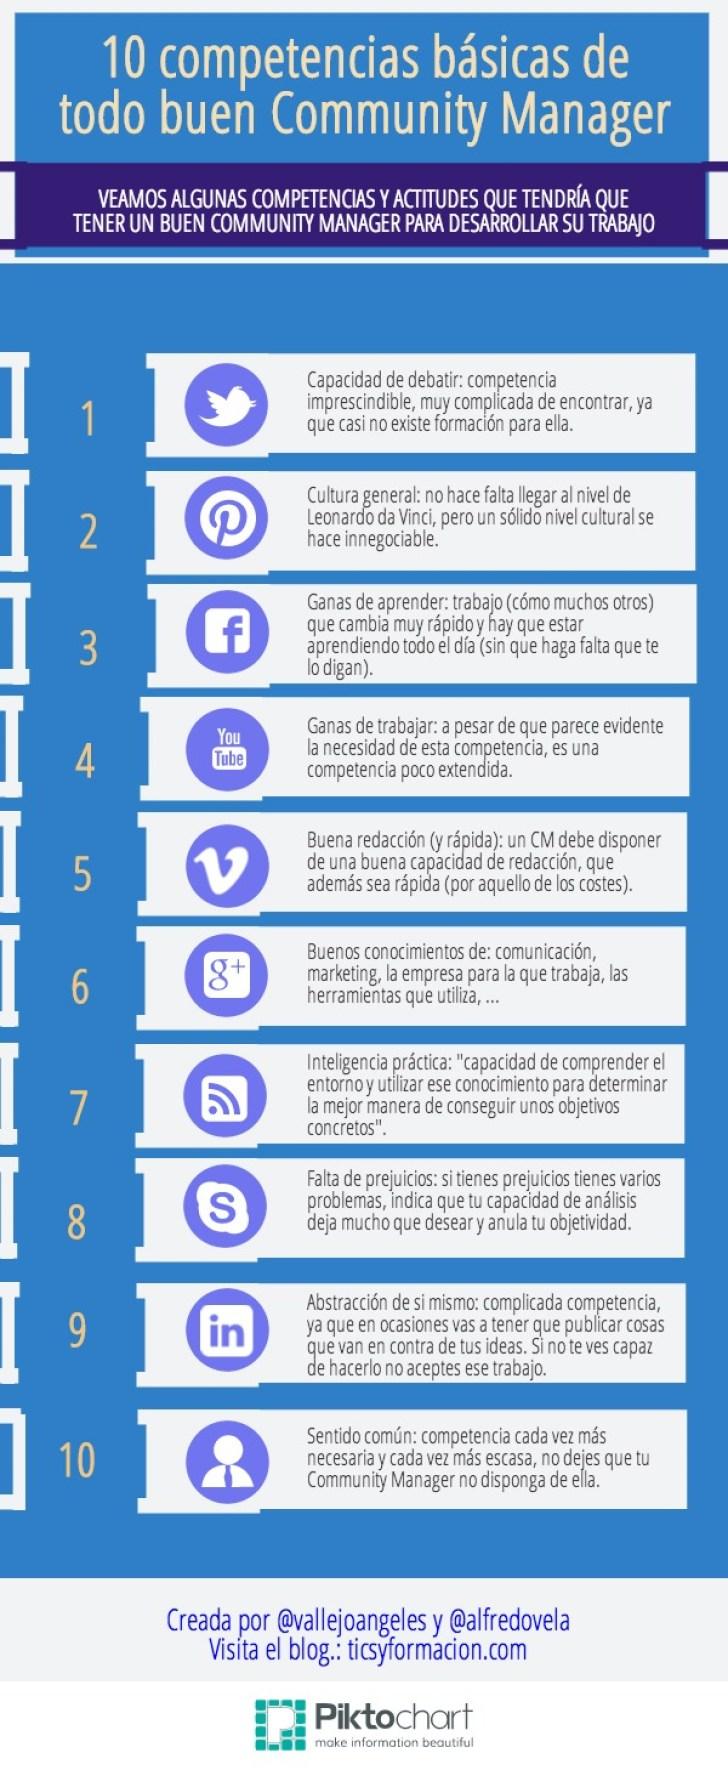 10 competencias básicas de todo buen Community Manager